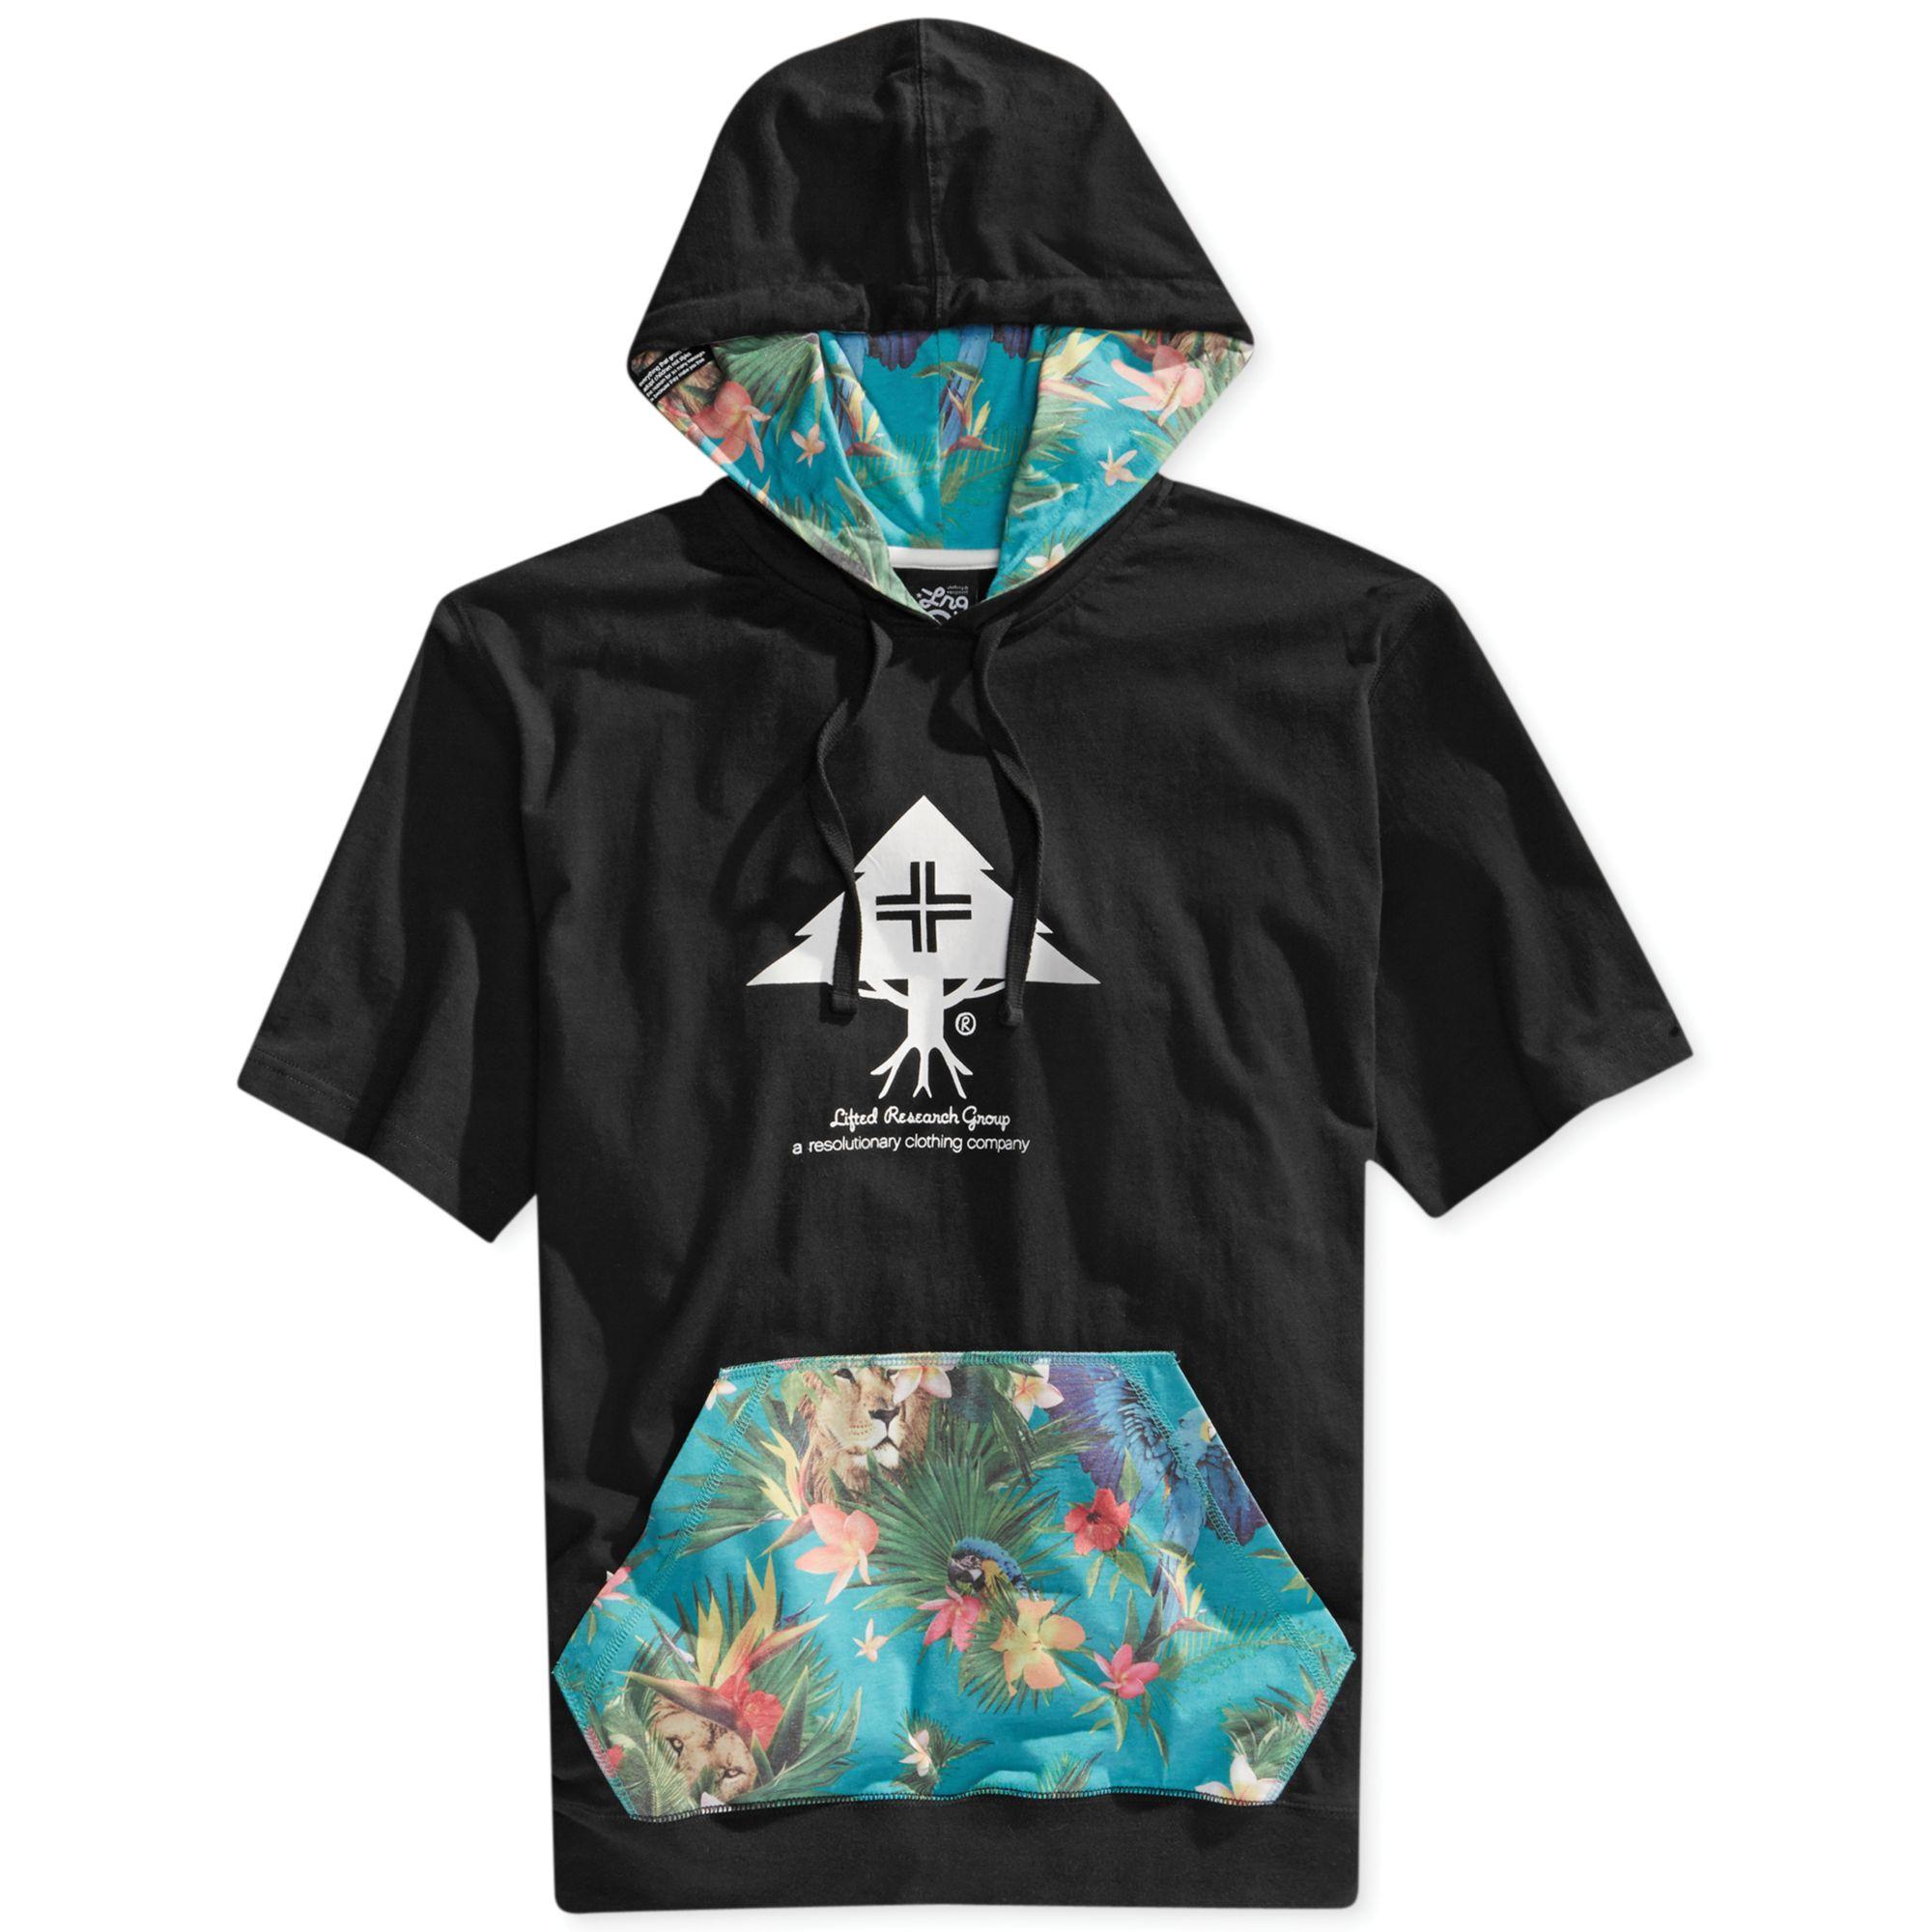 Lrg Vacation Club Shortsleeve Layering Hoodie Pullover in Black ...